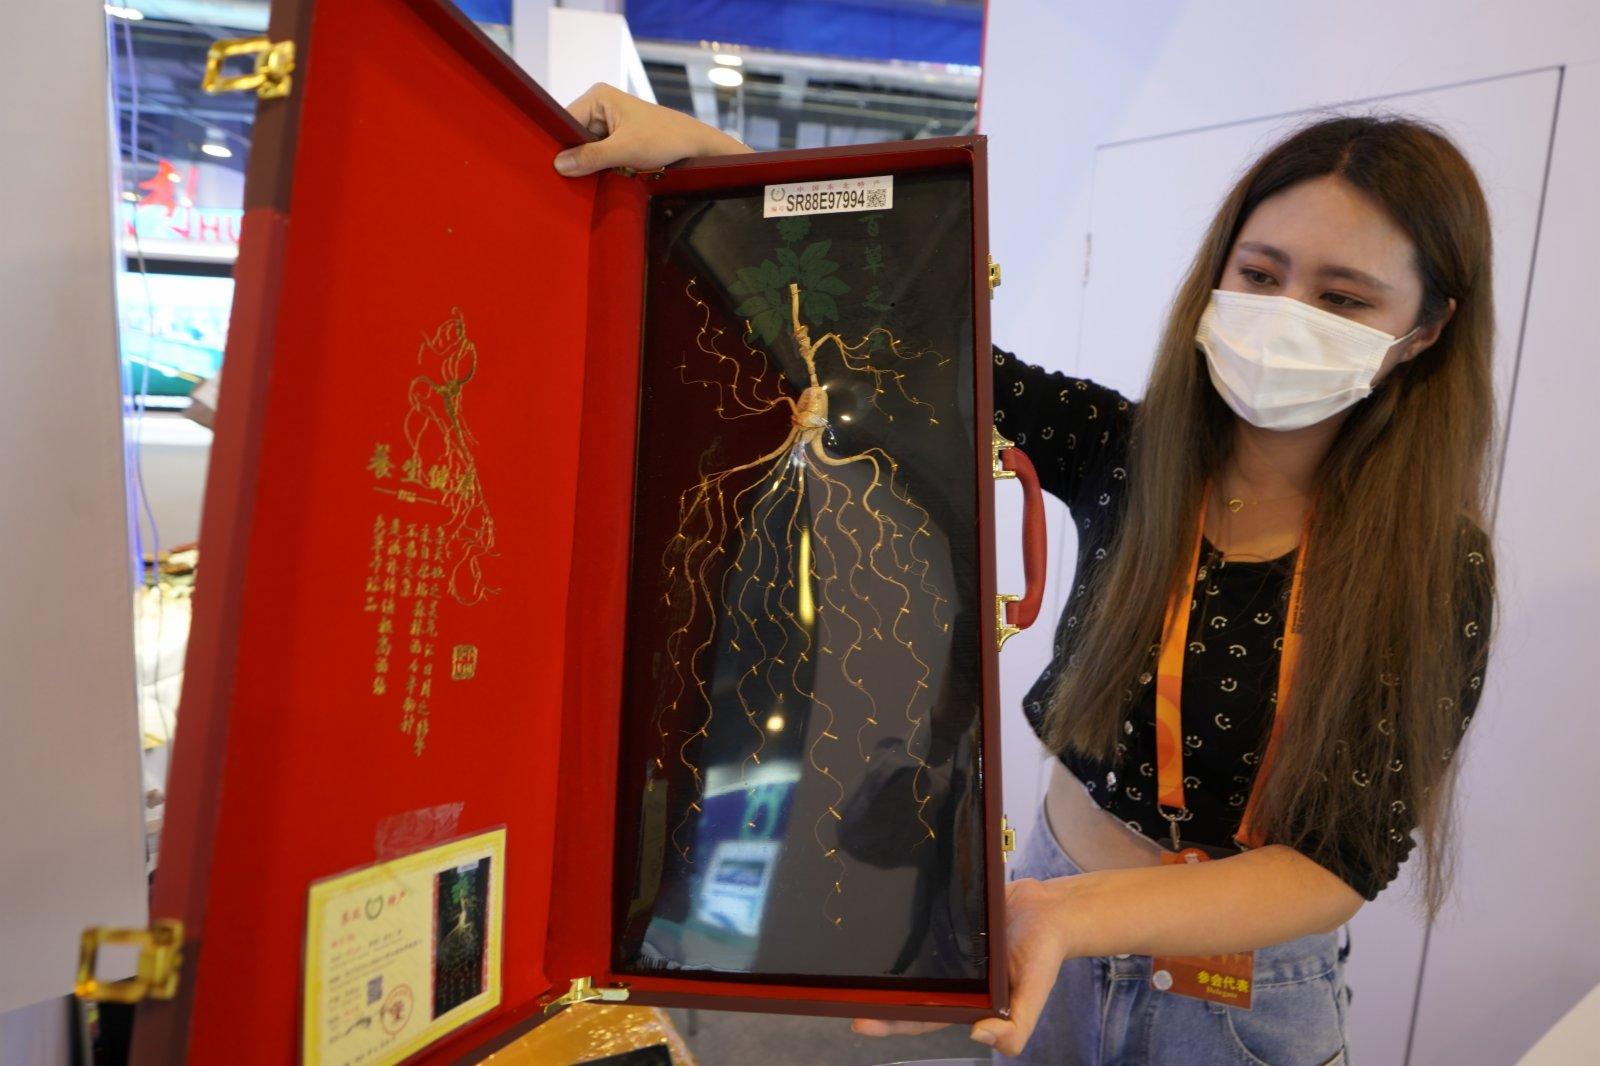 9月5日,工作人員在服貿會國家會議中心展區遼寧展位展示人參。(新華社)